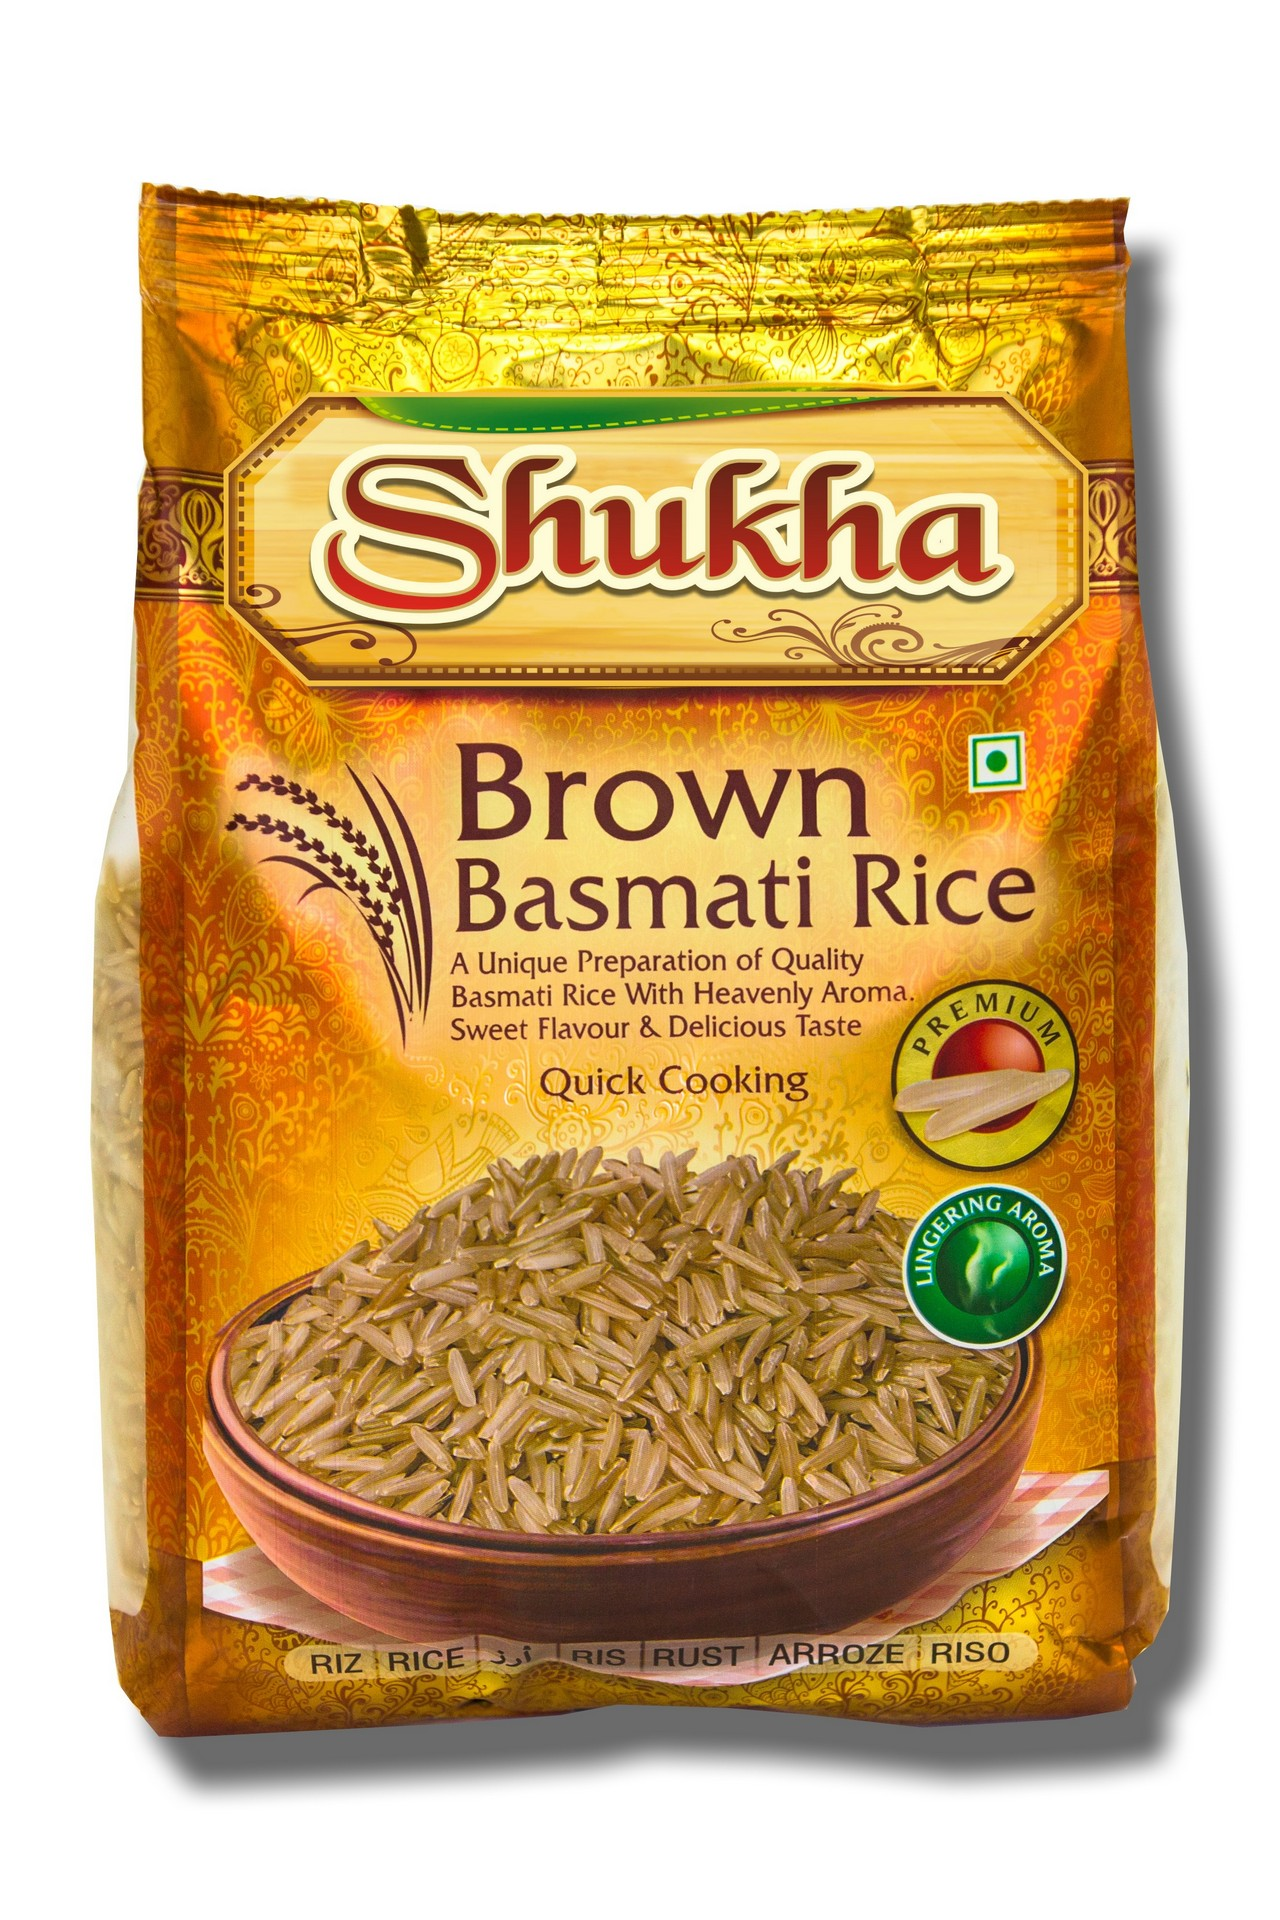 אורז חום בסמטי שוקחה